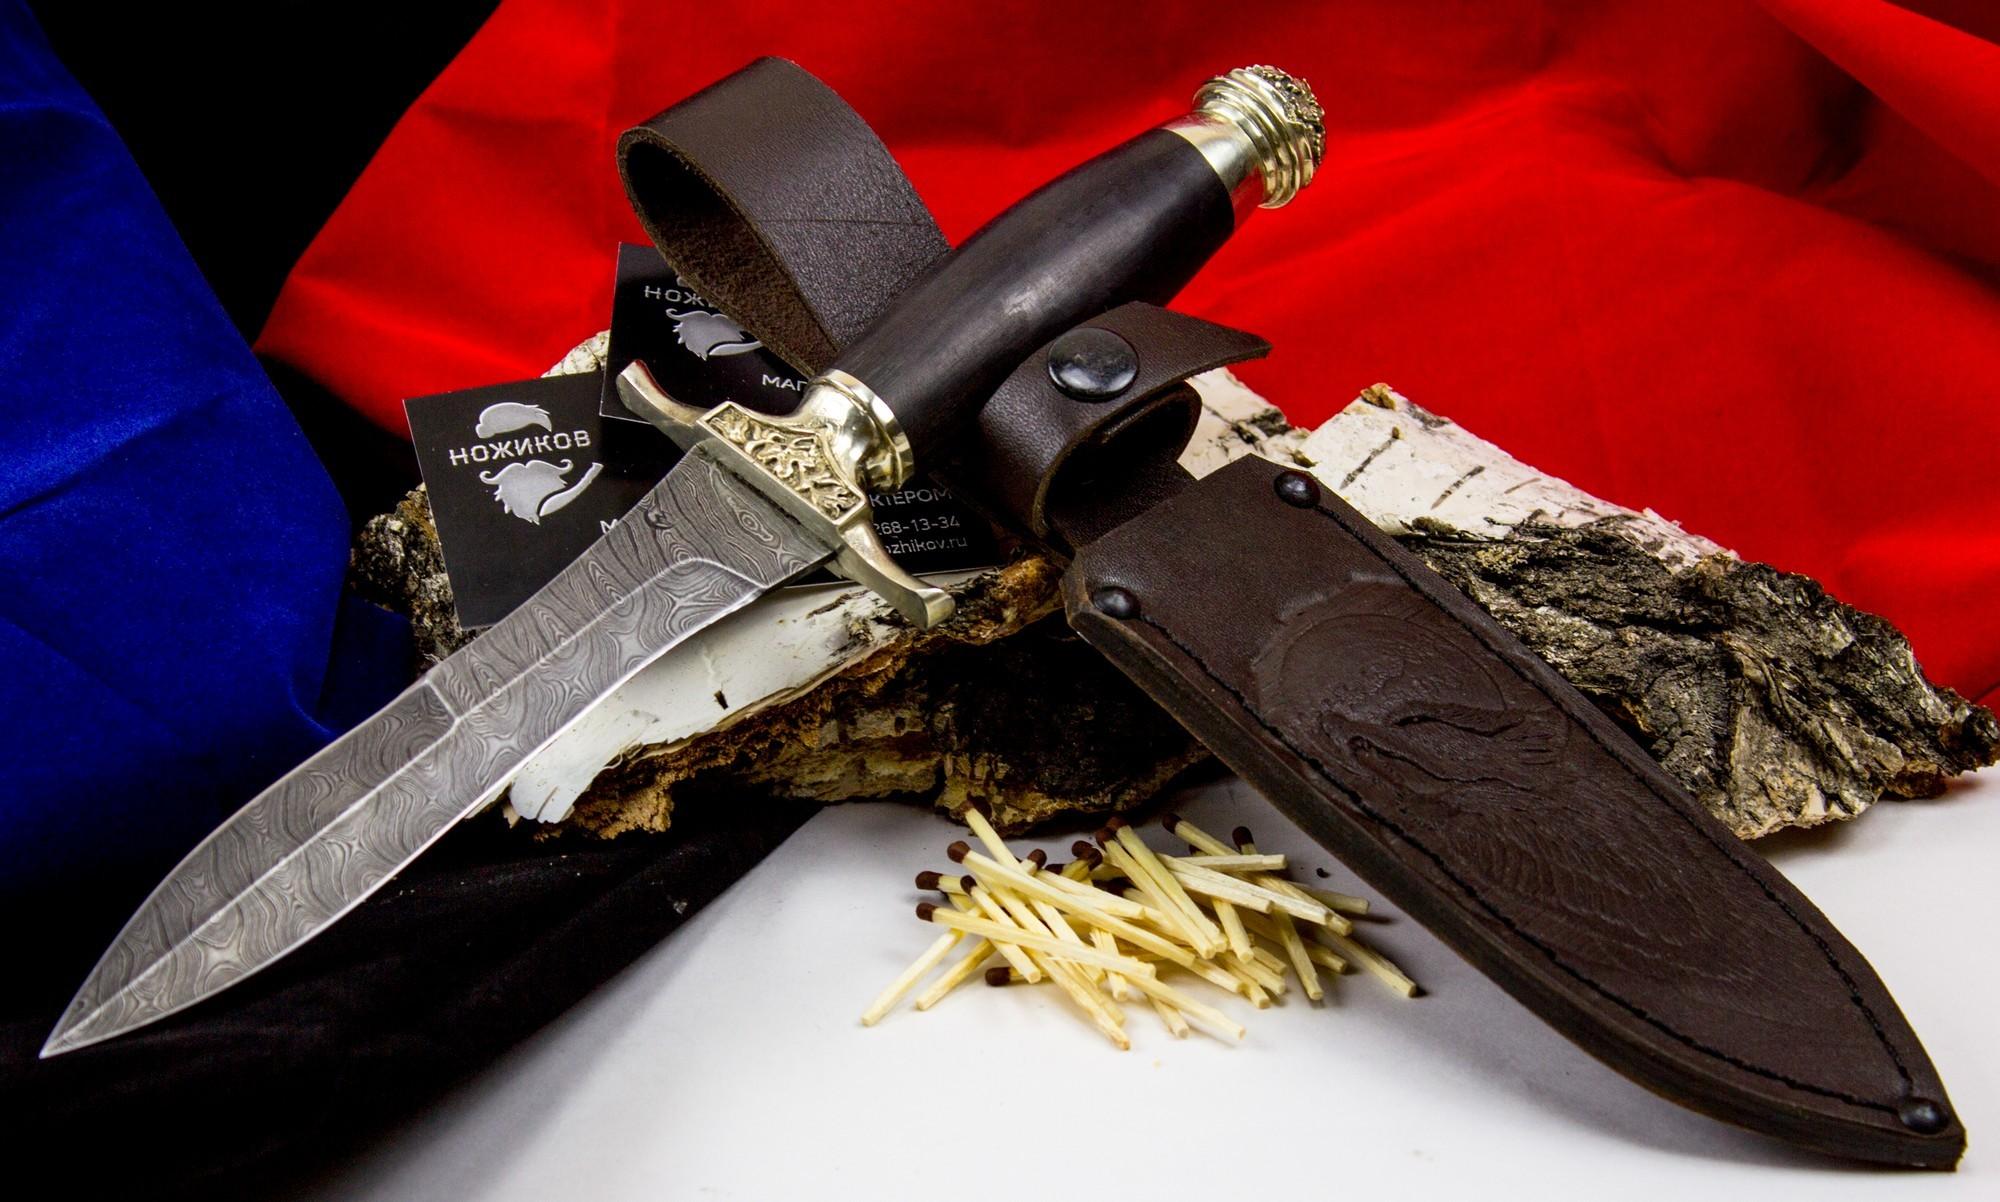 Нож Адмирал, дамасская стальНожи Ворсма<br>Хотя форма и напоминает кортик, характеристики ножа «Адмирал» отличают его от форменного элемента морского офицера. Клинок короче кортика на четверть, имеет длину всего 149,7 мм. Нож, изготовленный из узорчатой дамасской стали, незаменим в рубке и резании, не портится и сохраняет остроту даже после пребывания в соленой воде. Форма лезвия отличается схожестью с листком диковинного дерева. Заточено острие на две трети обуха, в сечении клинок имеет ромбовидную форму с вогнутыми спусками. Рукоять ножа изготовлена из древесины черного дерева, гарда имеет два ограничителя и тыльник из узорного литого мельхиора. Размеры и форма ножа «Адмирал» не дают возможности причислить его к оружию, но такому клинку обрадуются и ценители, и любители.<br>